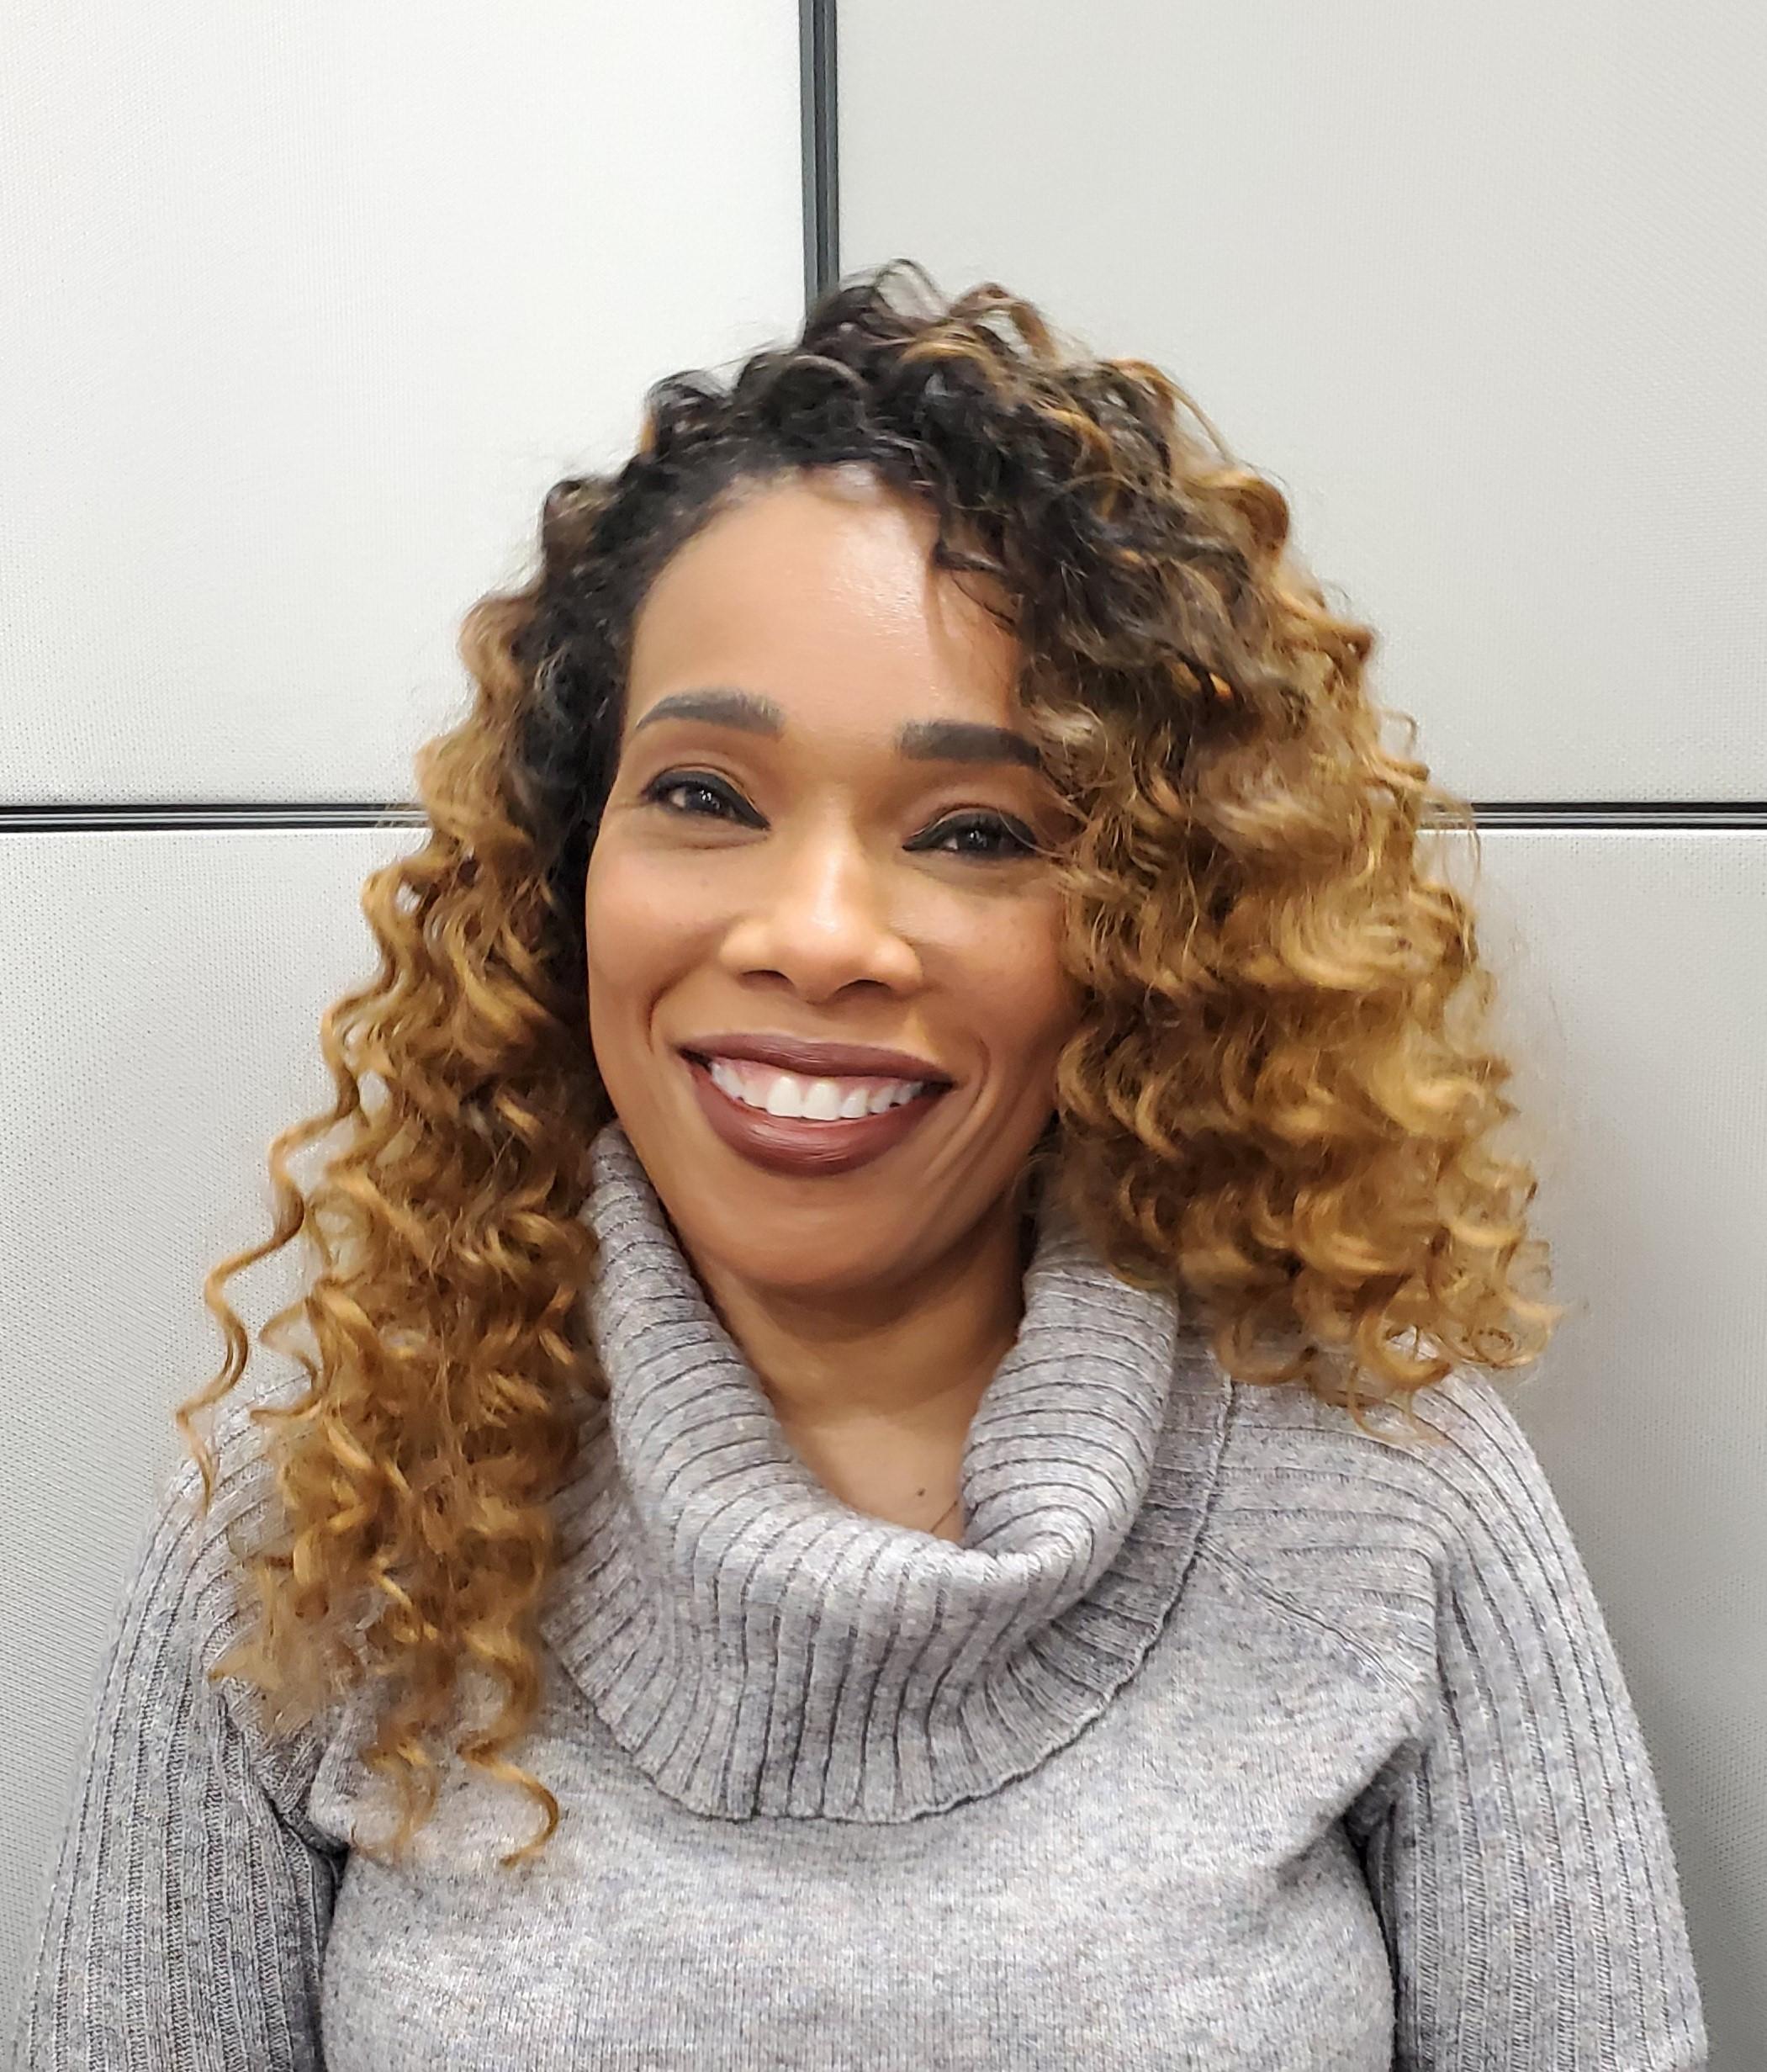 Monique Huntley